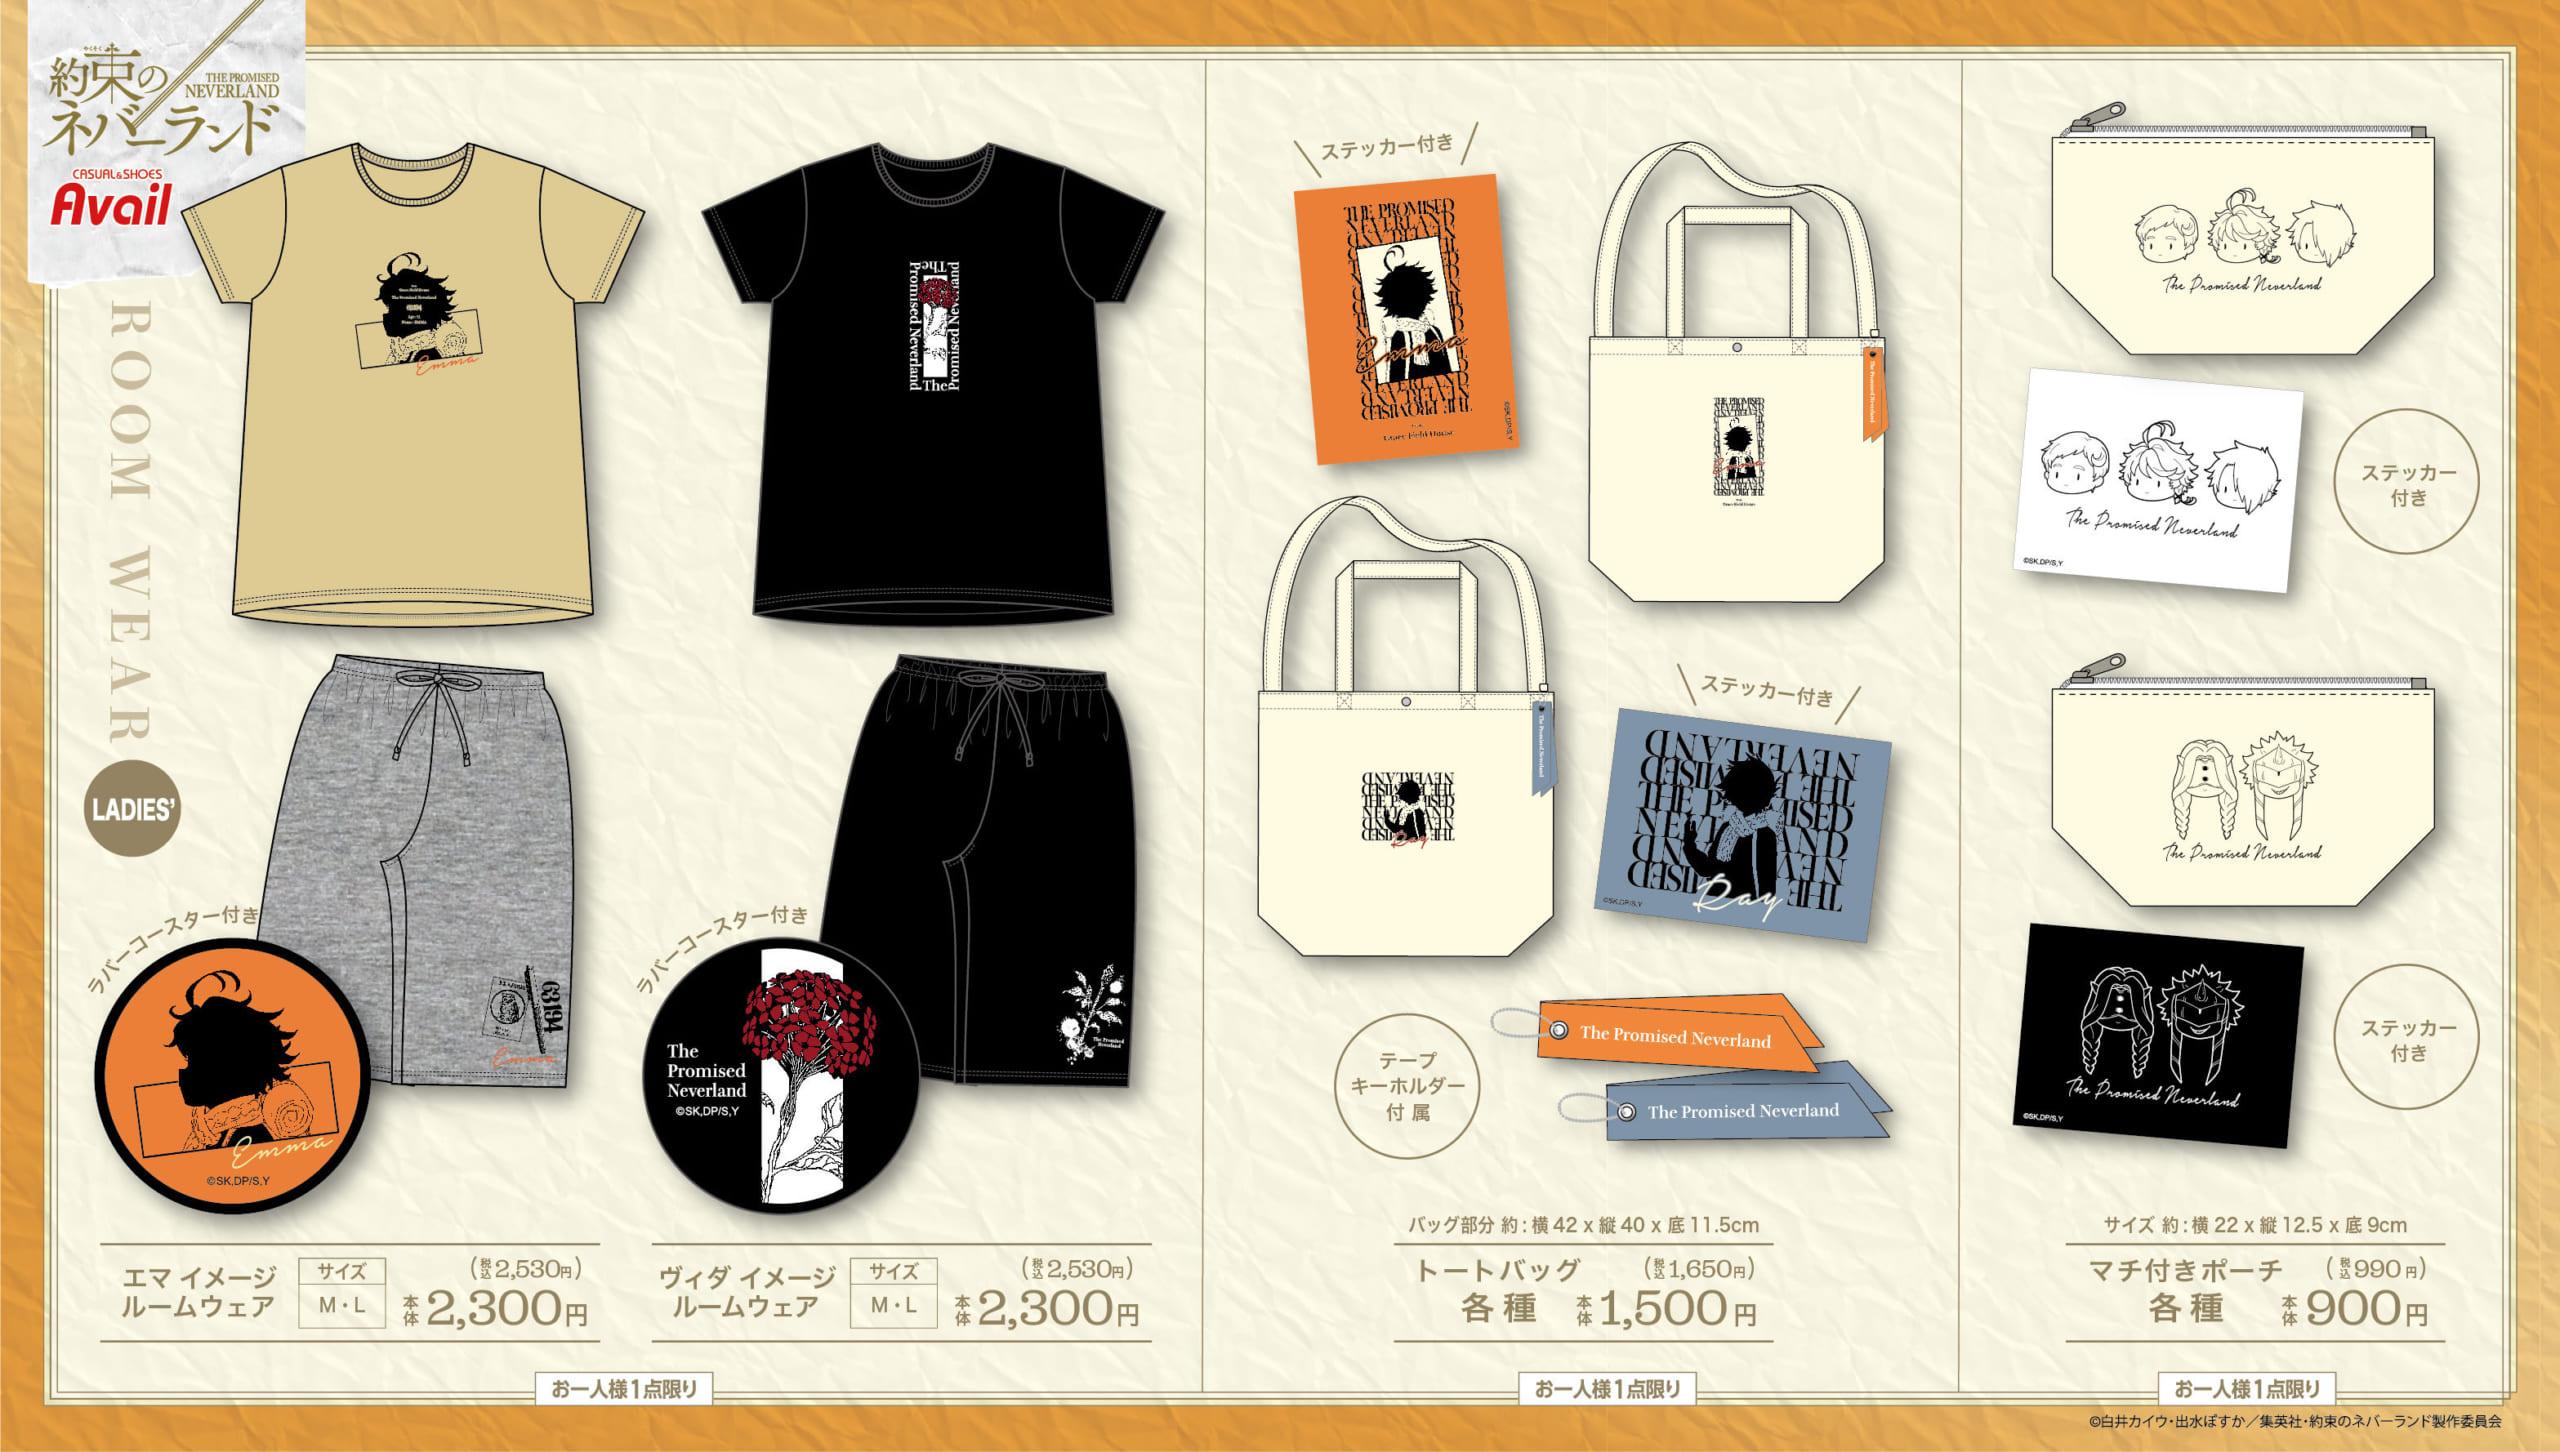 「約束のネバーランド」×「Avail」コラボ第二弾販売決定!Tシャツ・ルームウェア・ポーチ・トートバッグが登場